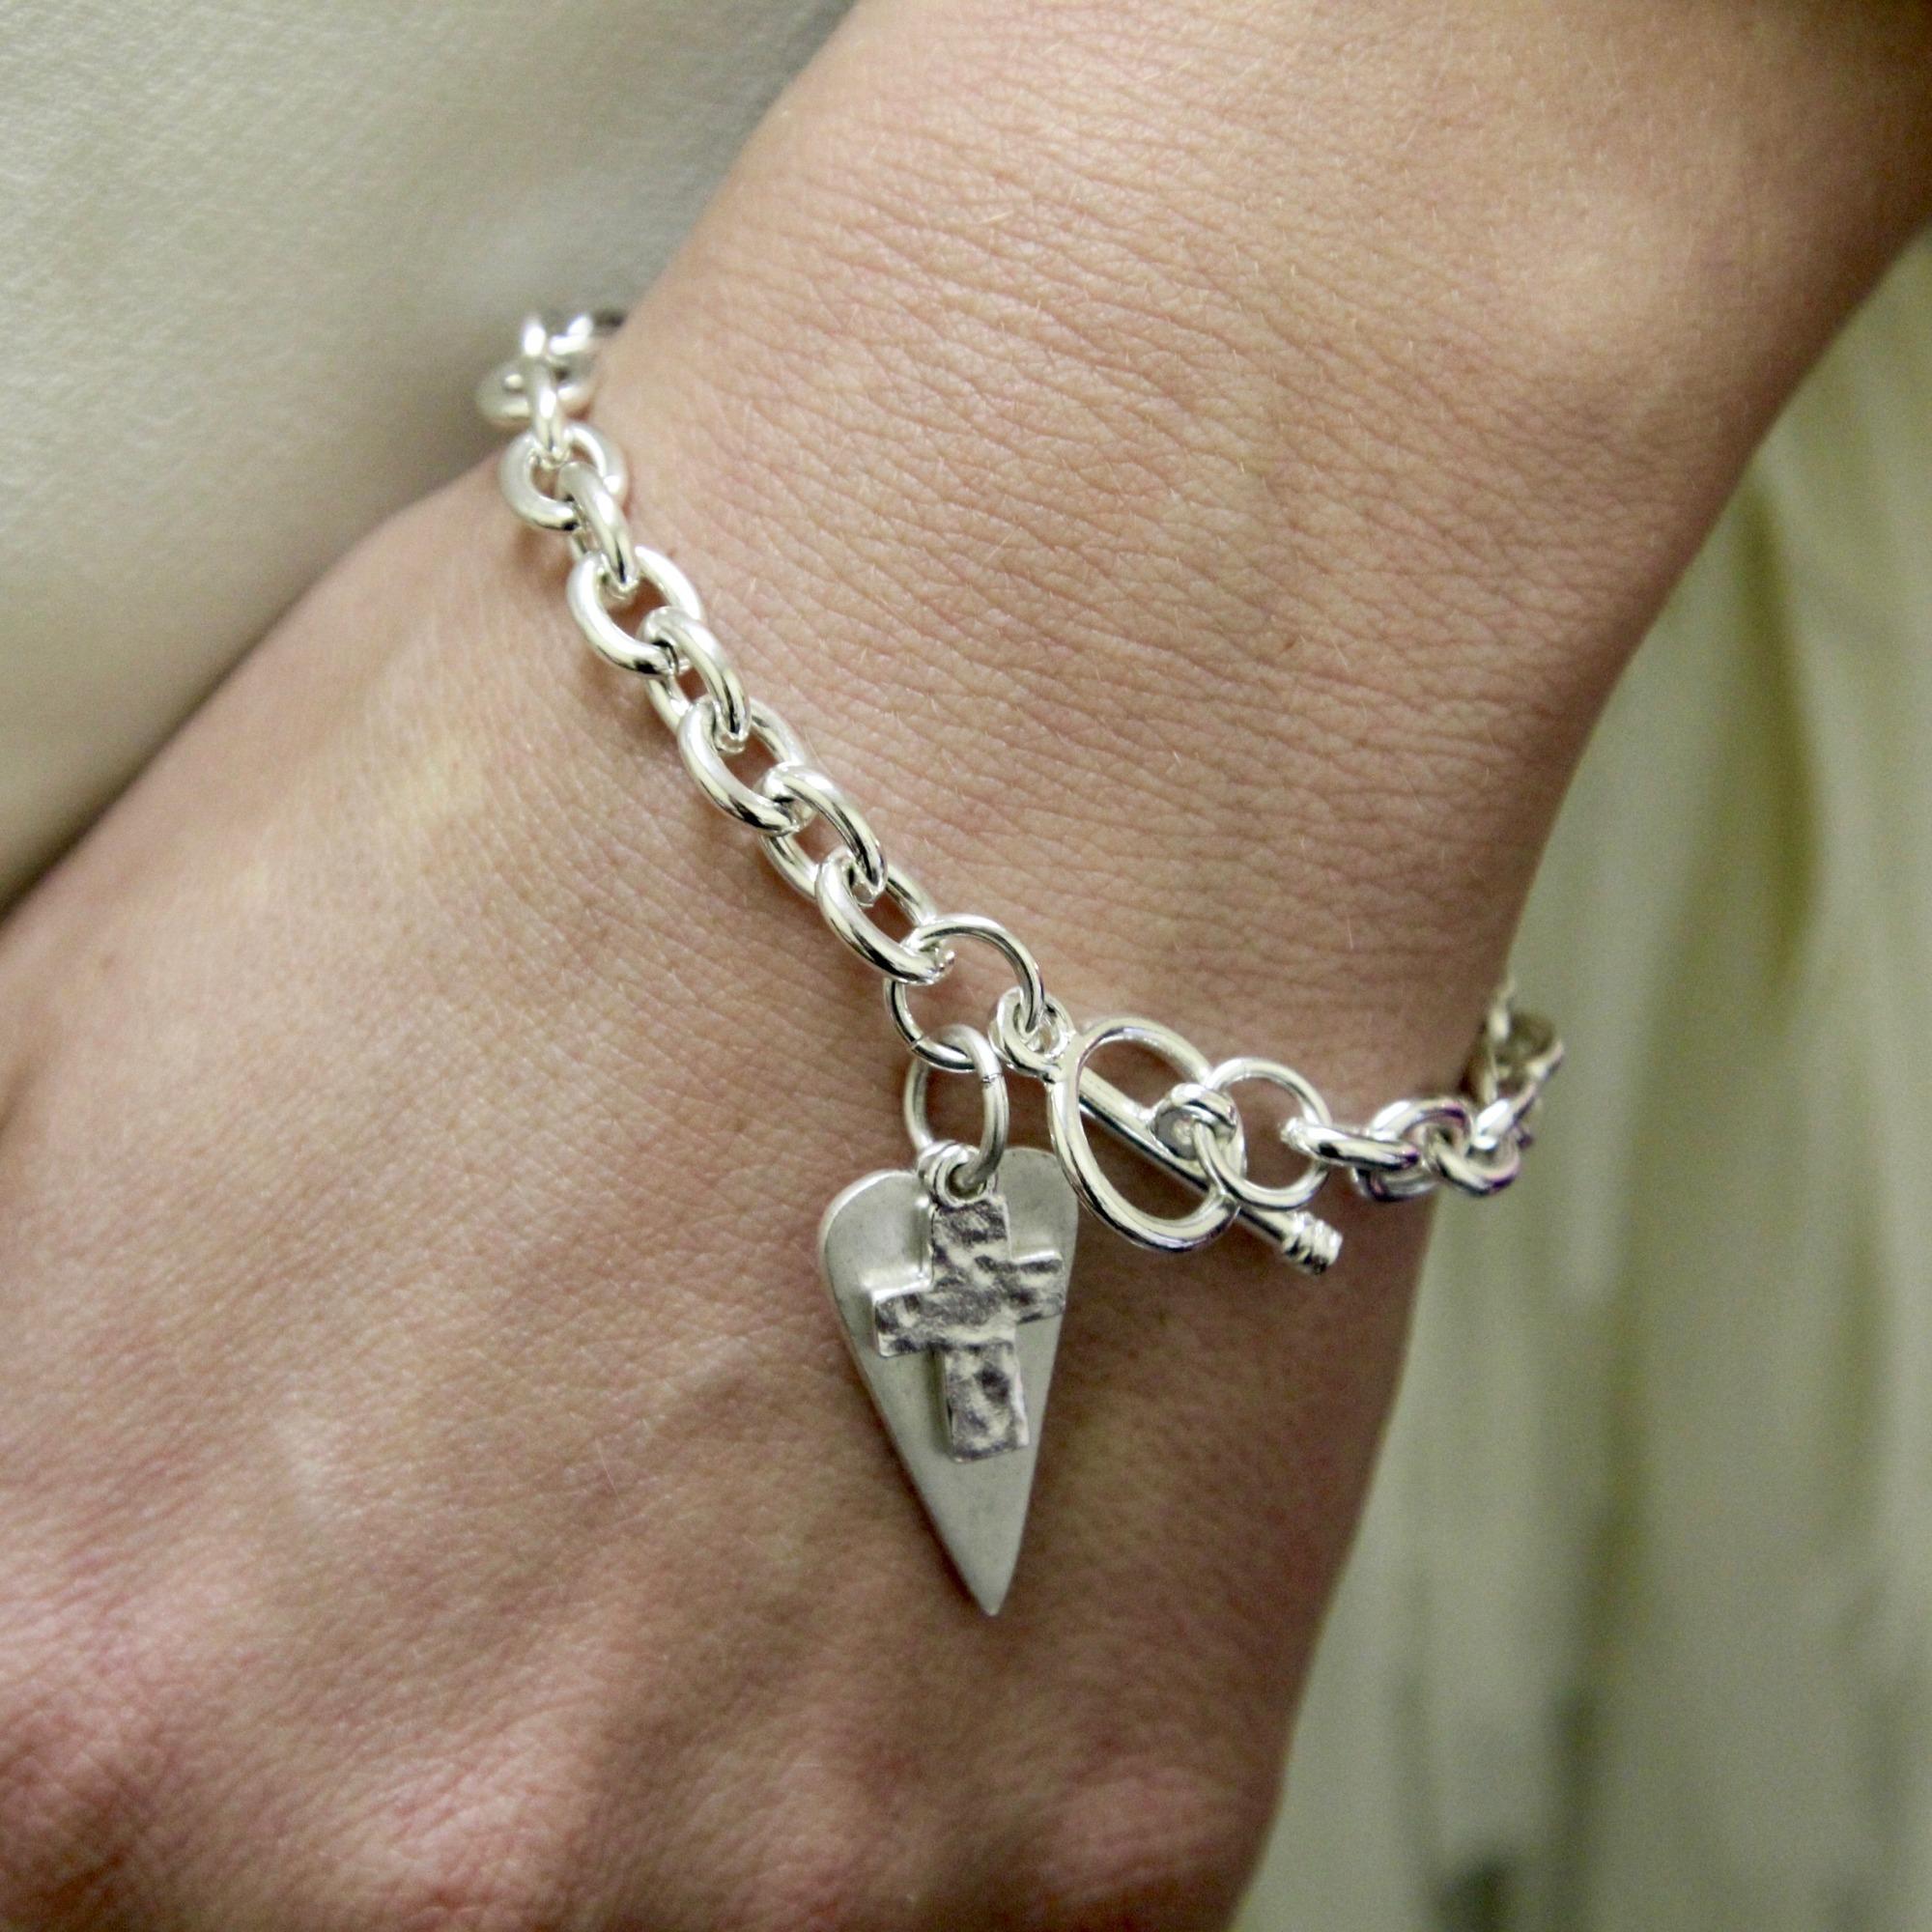 Personalized Tiffany Style Heart Cross Bracelet